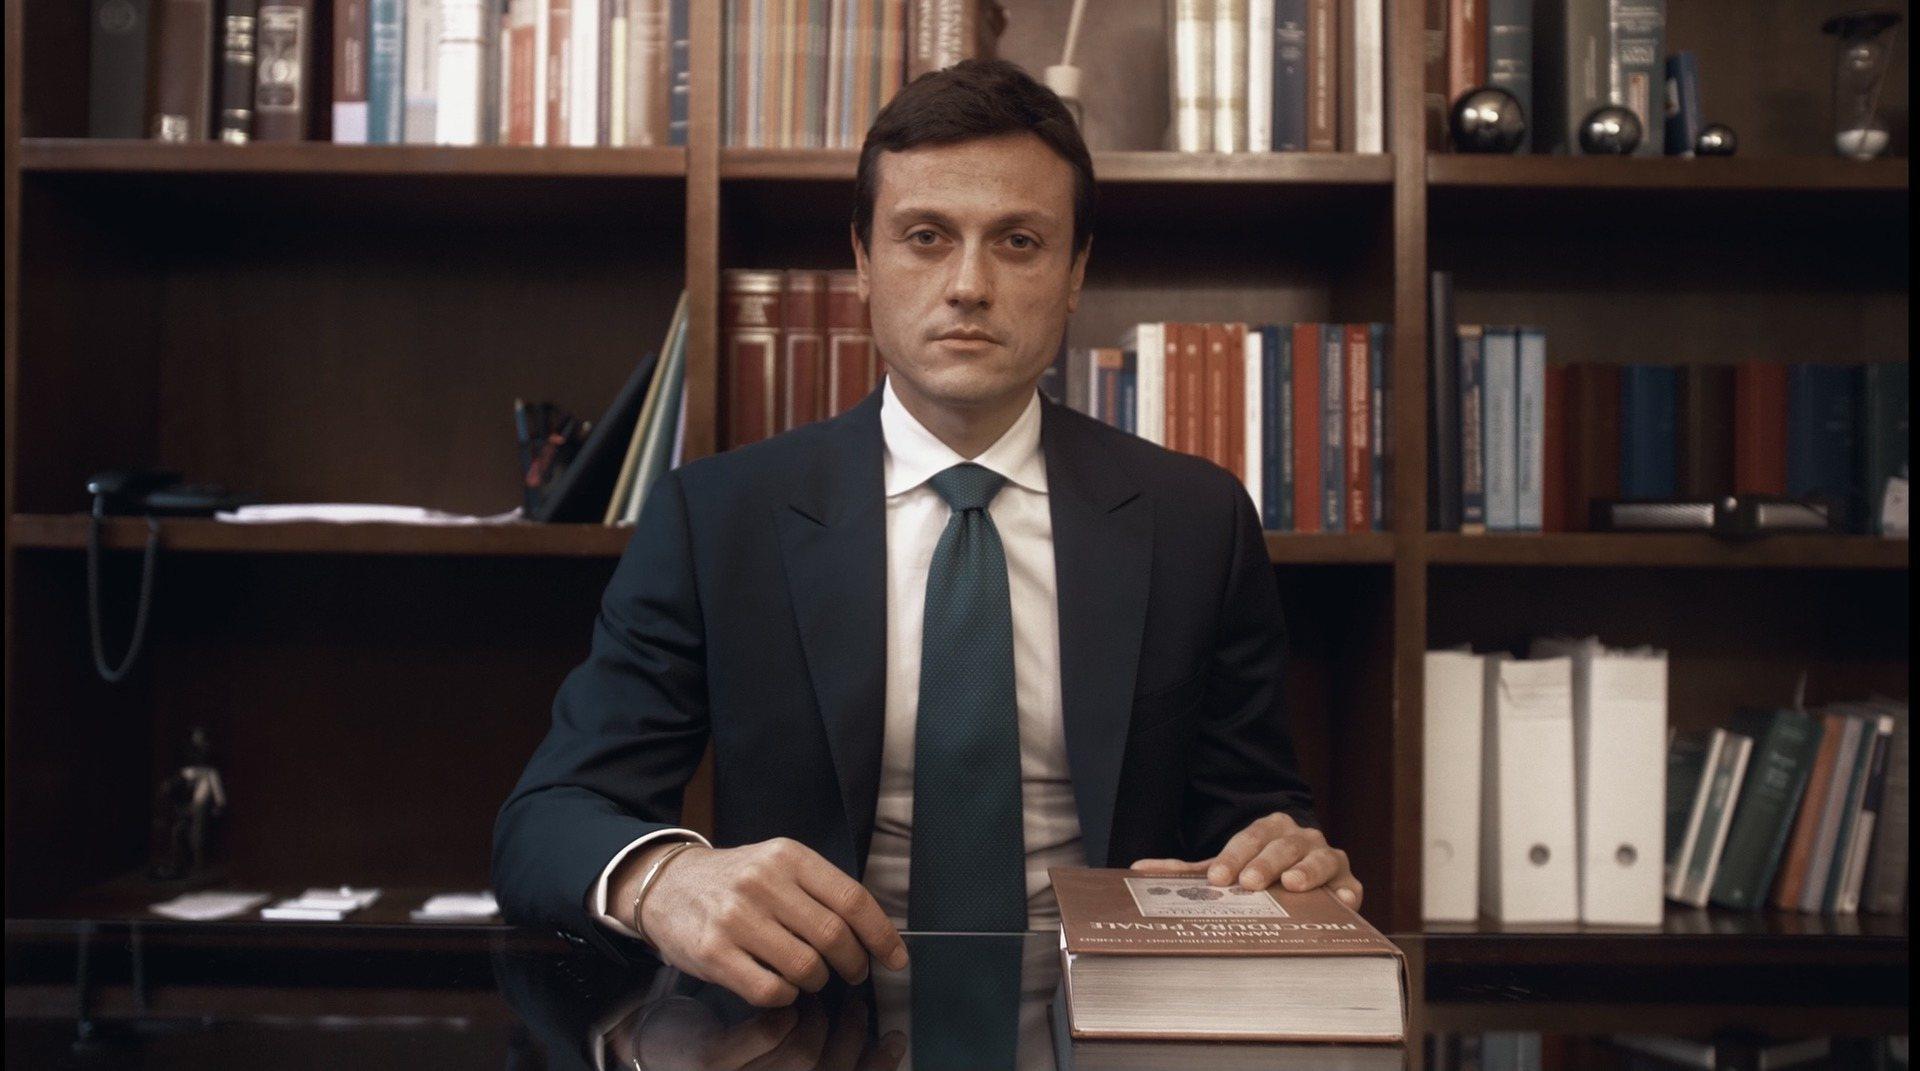 Extradition et mandat d'arrêt en Italie